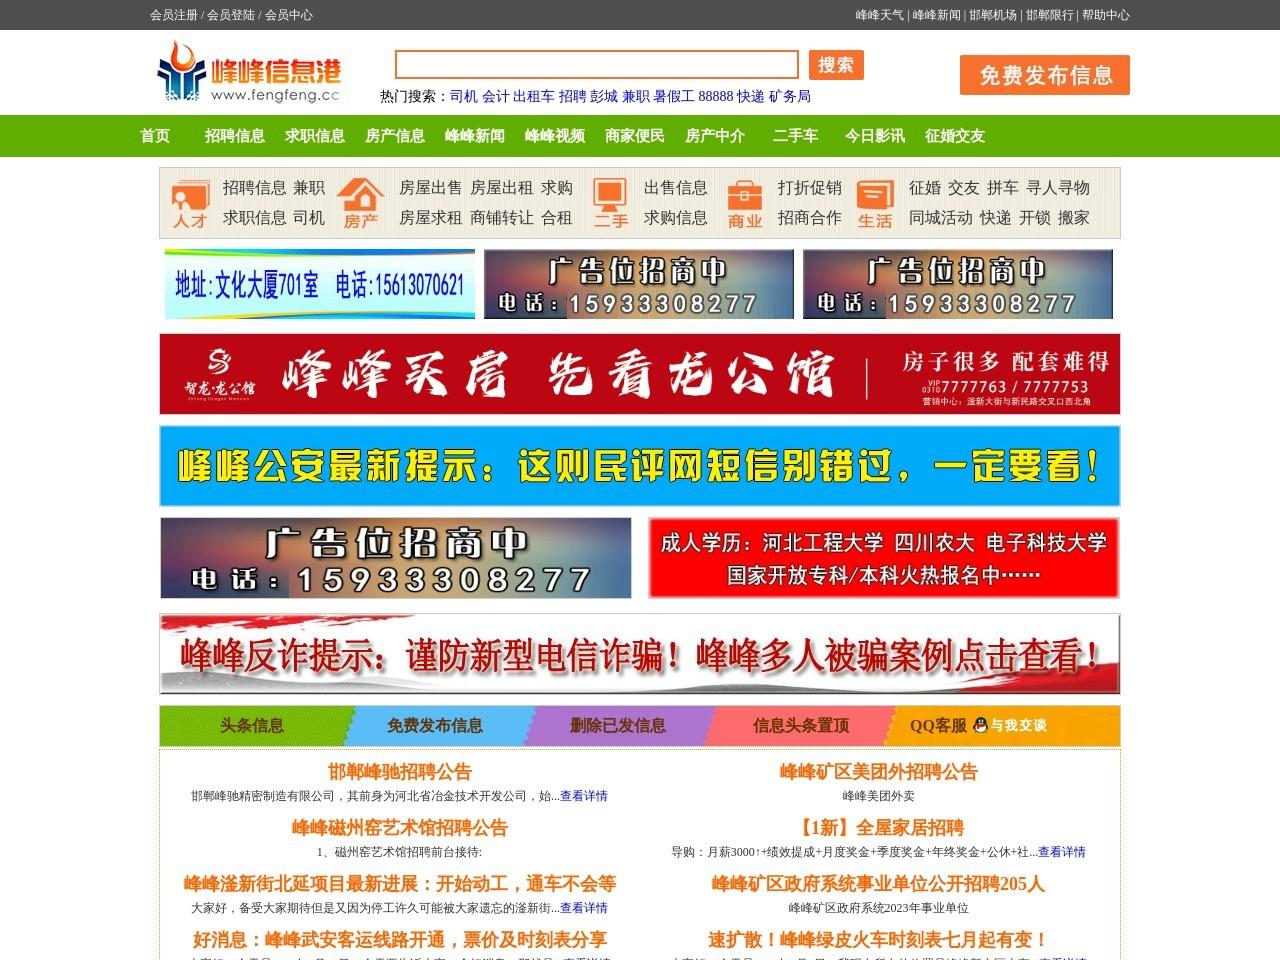 峰峰信息港_做便捷的峰峰信息发布平台